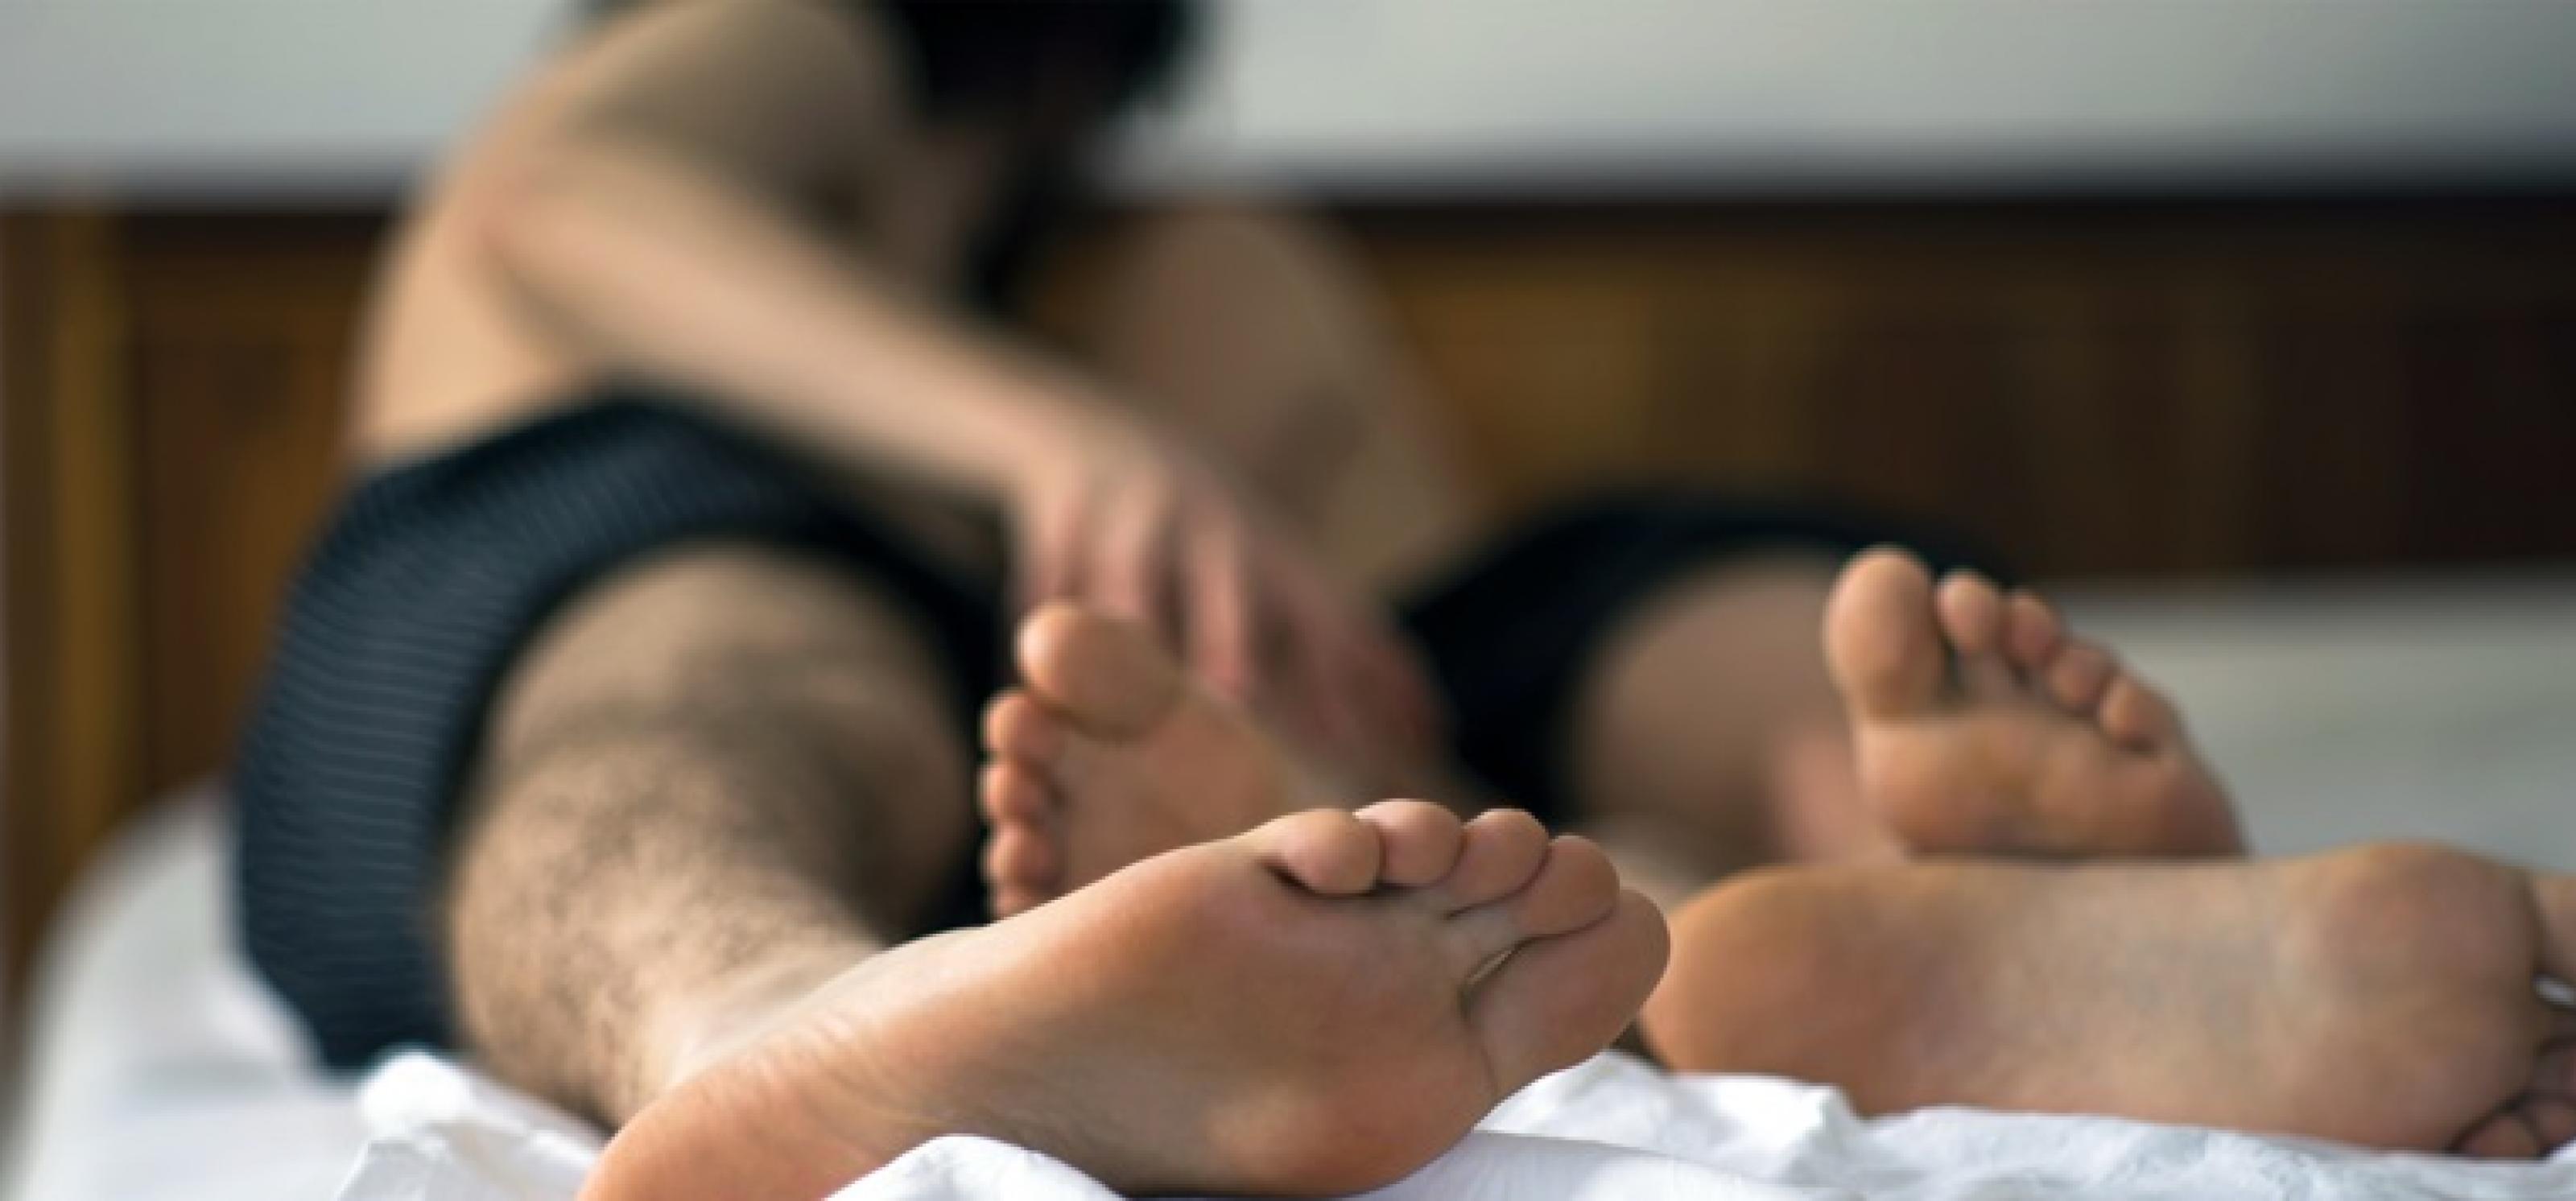 Beste Positionen für schwulen Sex